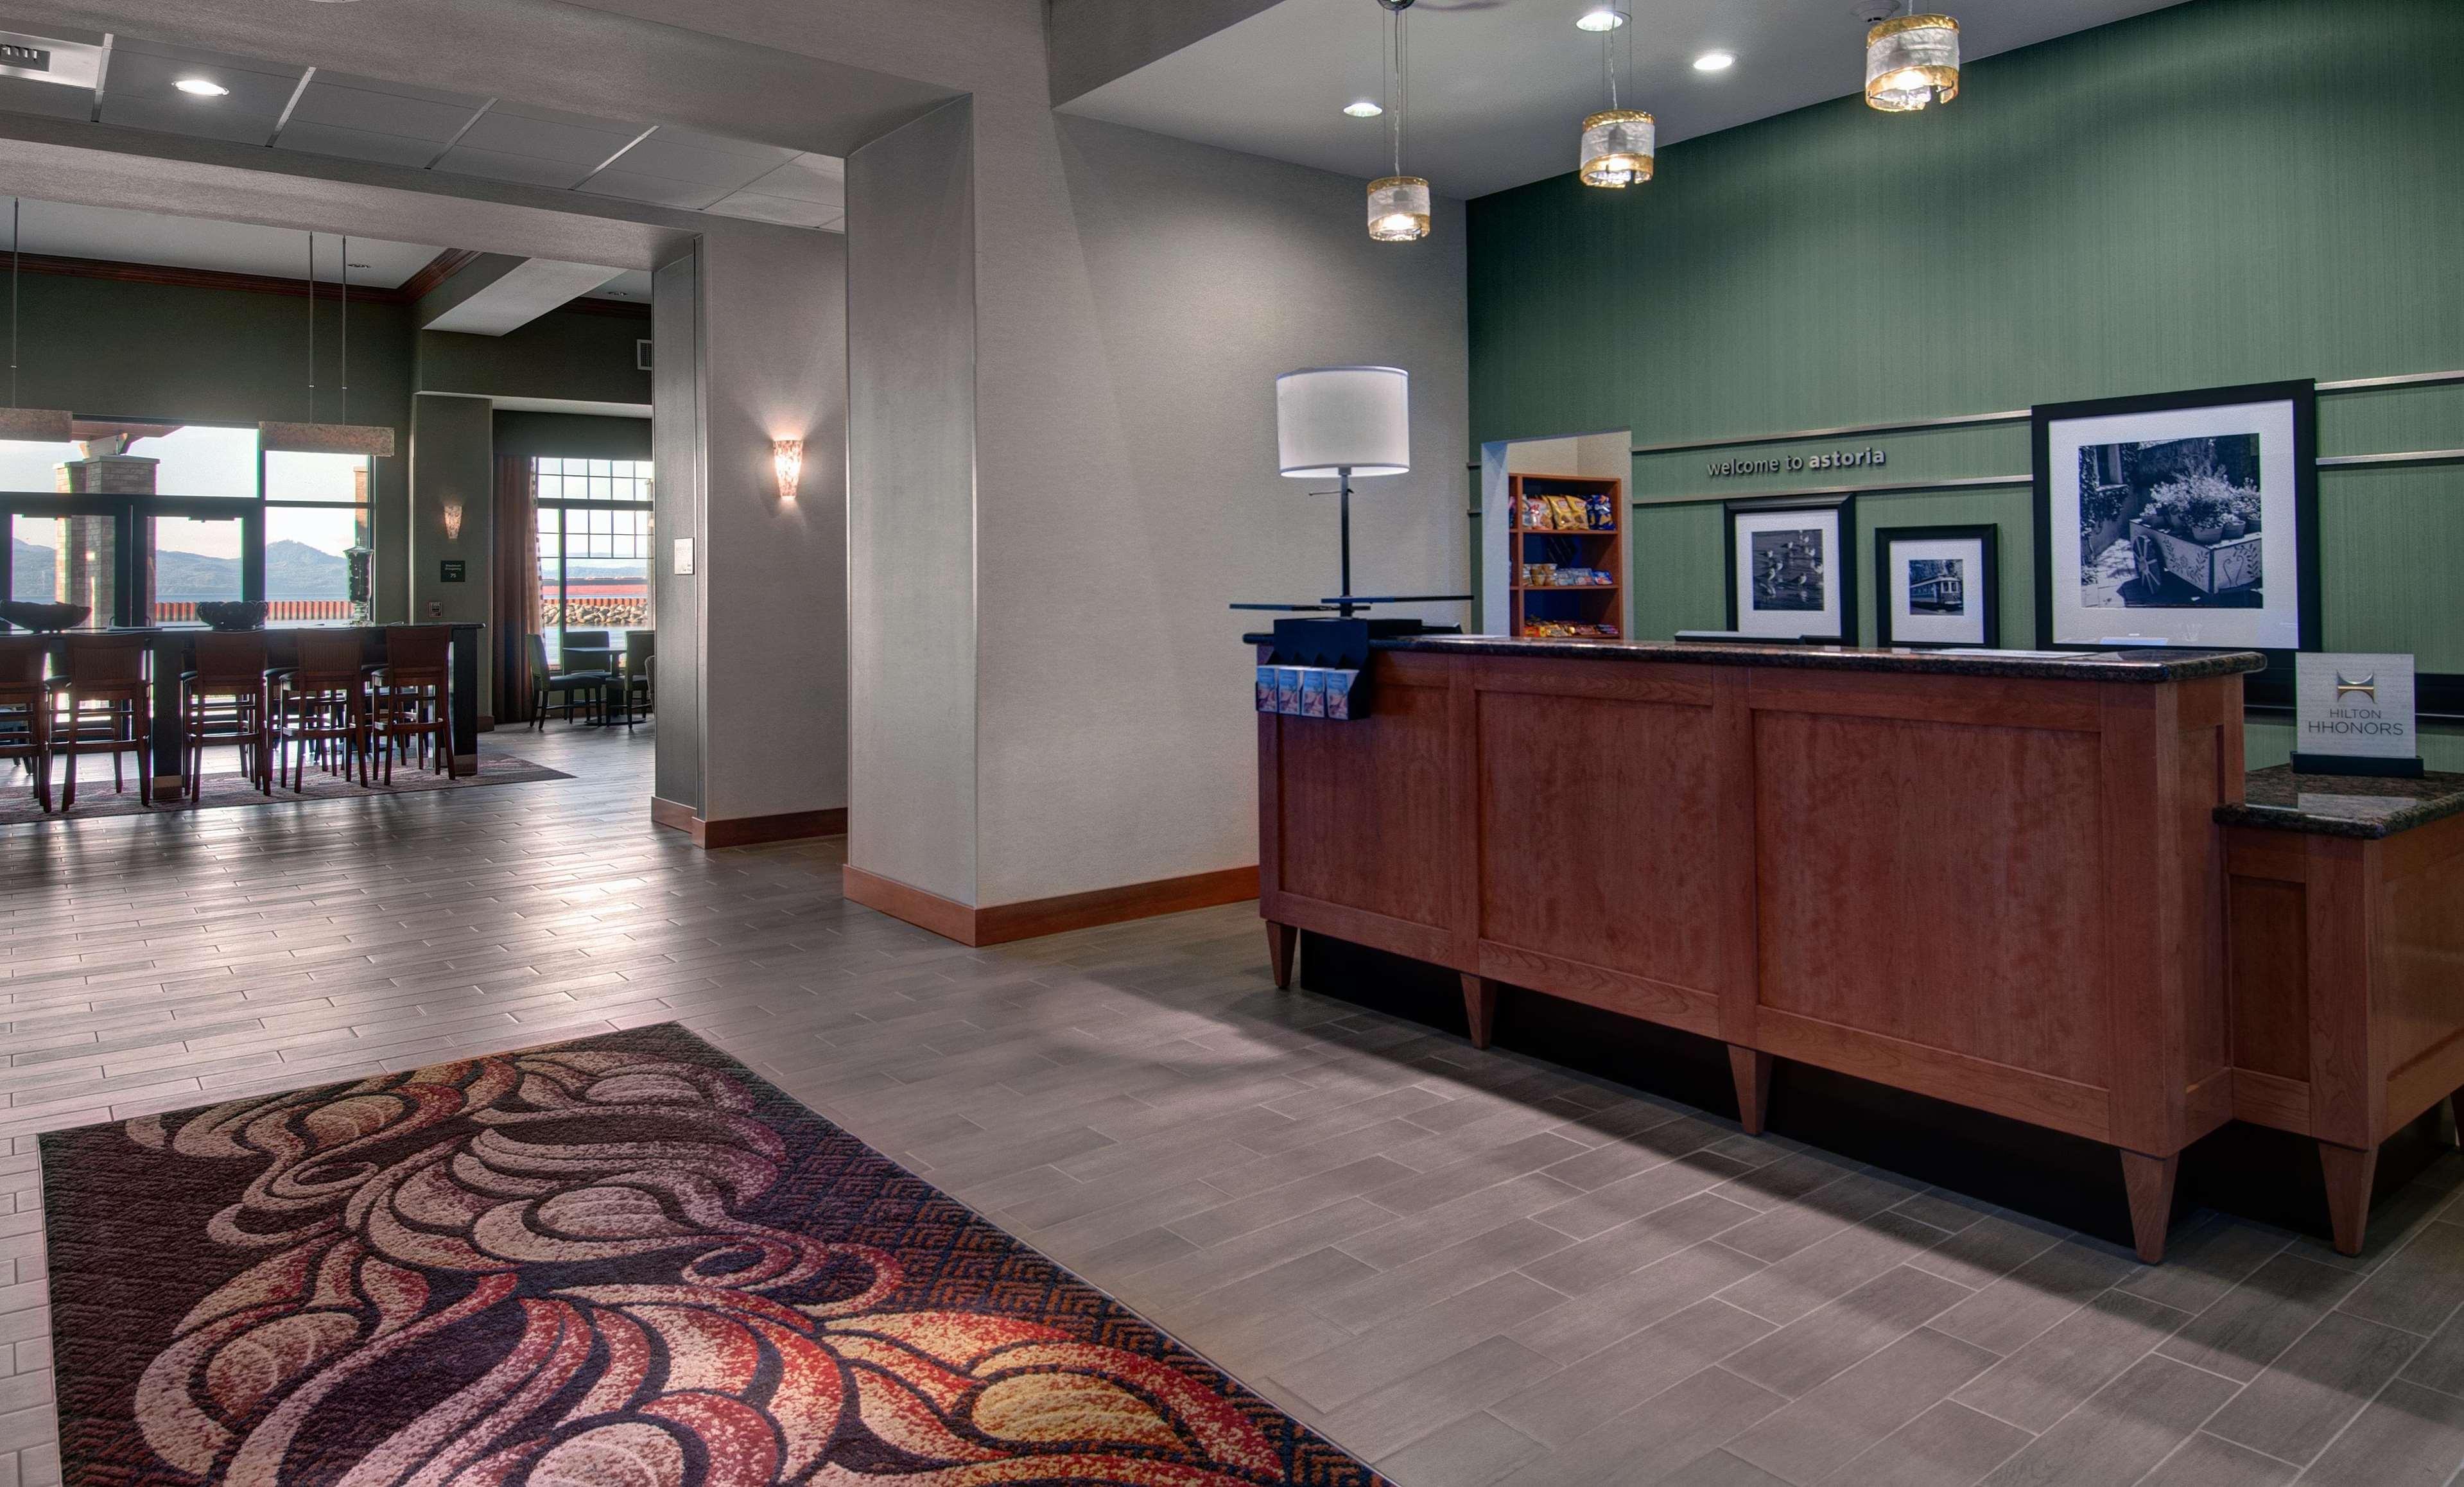 Hampton Inn & Suites Astoria image 5